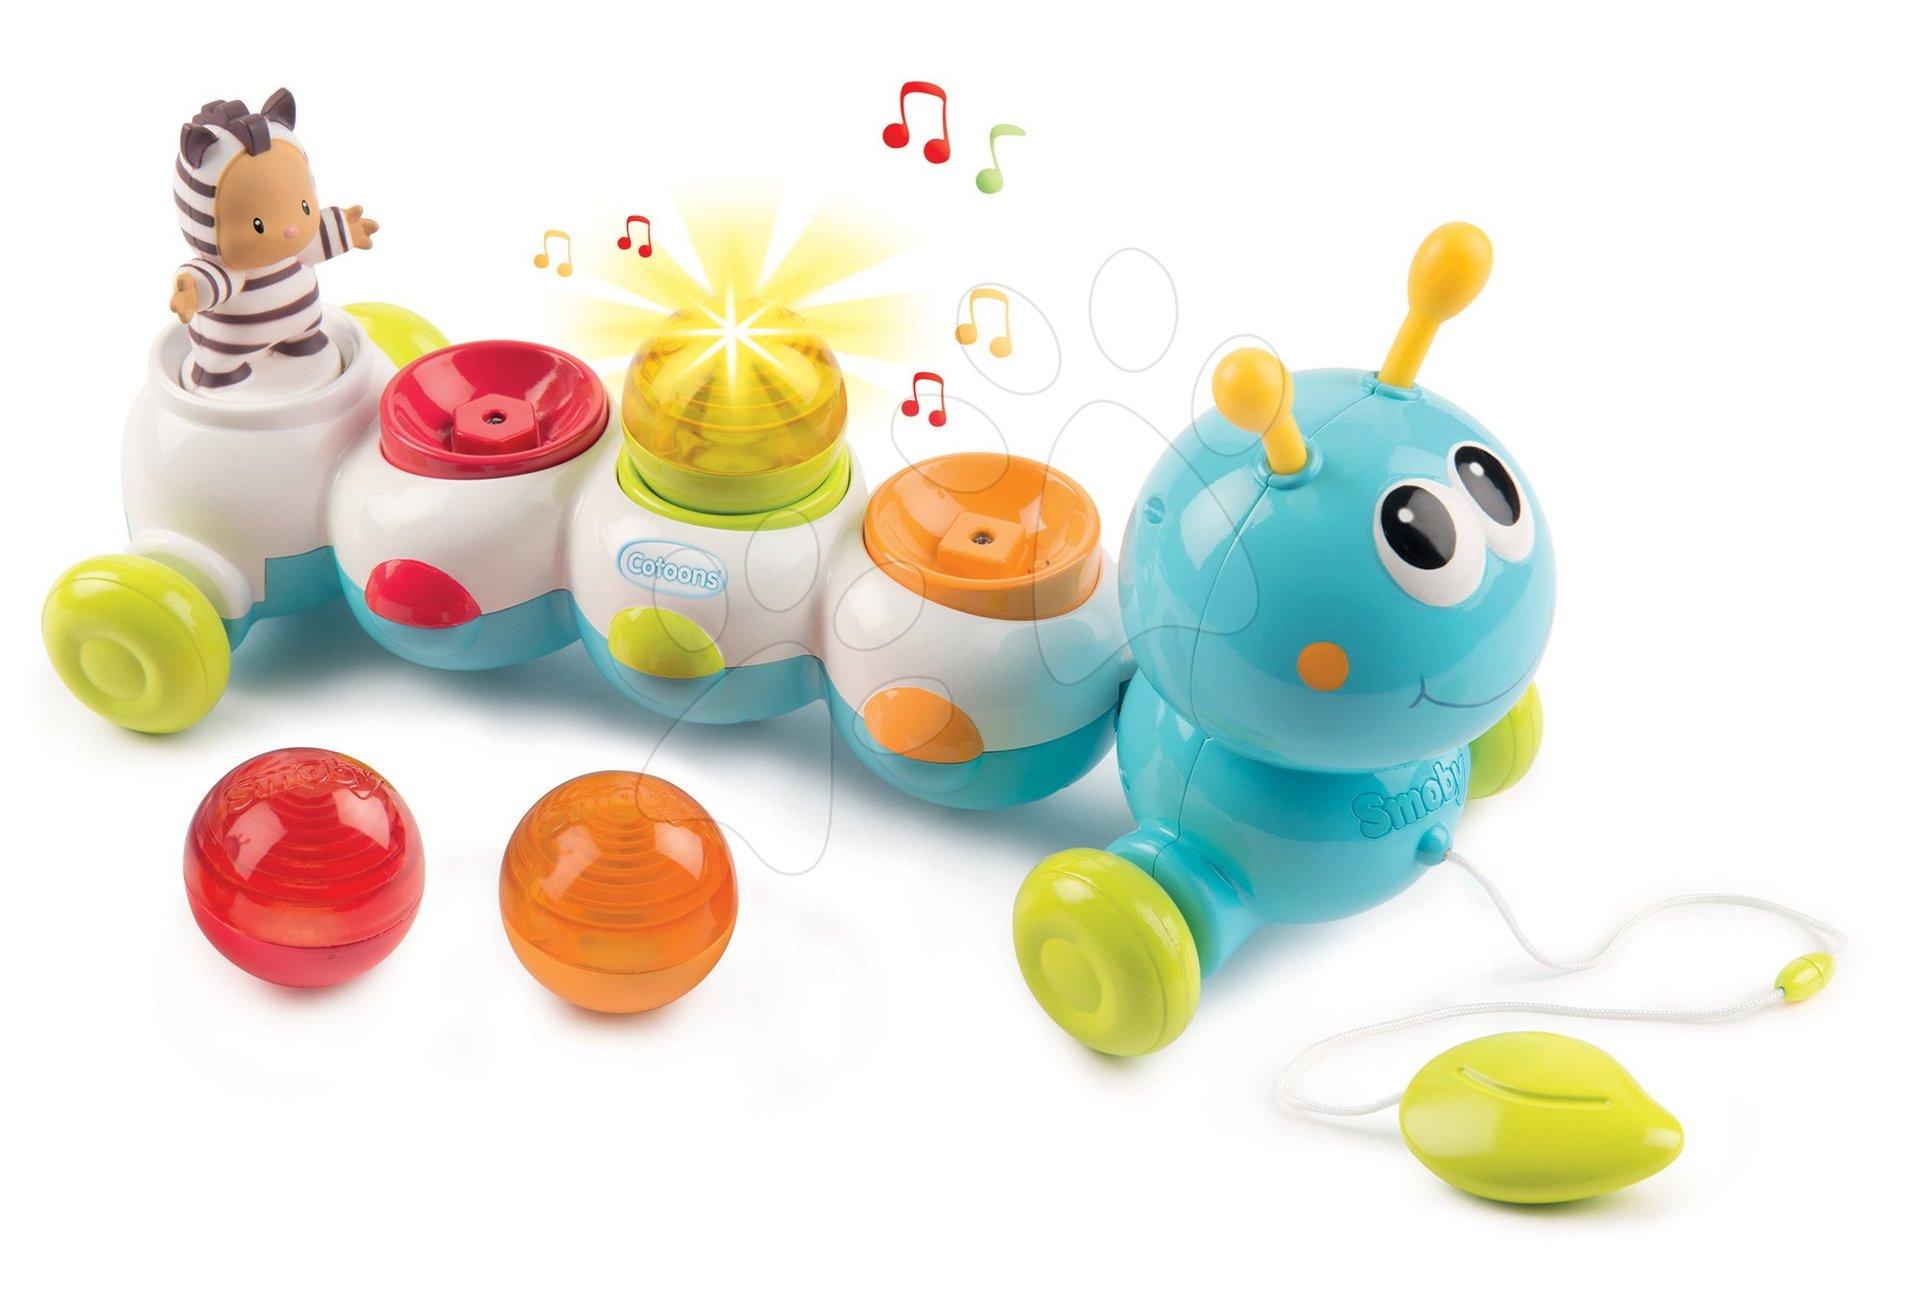 Housenka na tahání Caterpillar Cotoons Smoby elektronická se světlem a melodiemi od 12 měsíců